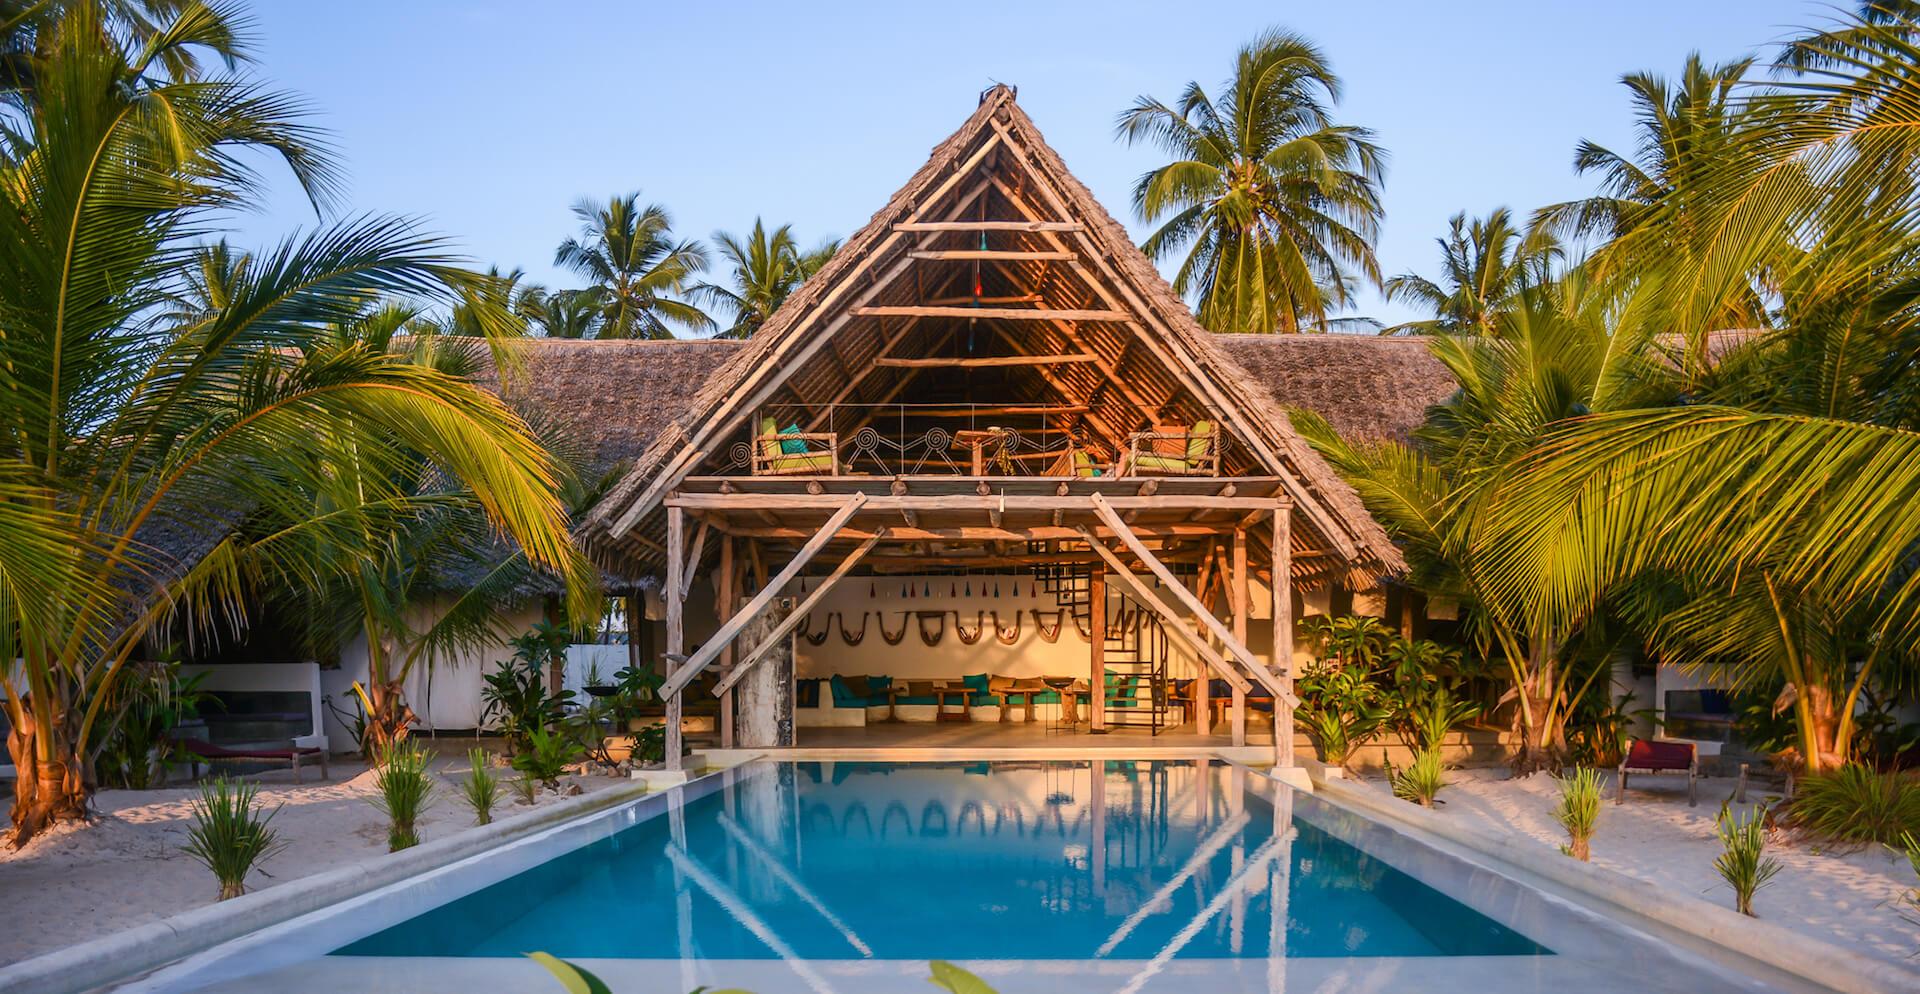 Nur Beach Resort pool view